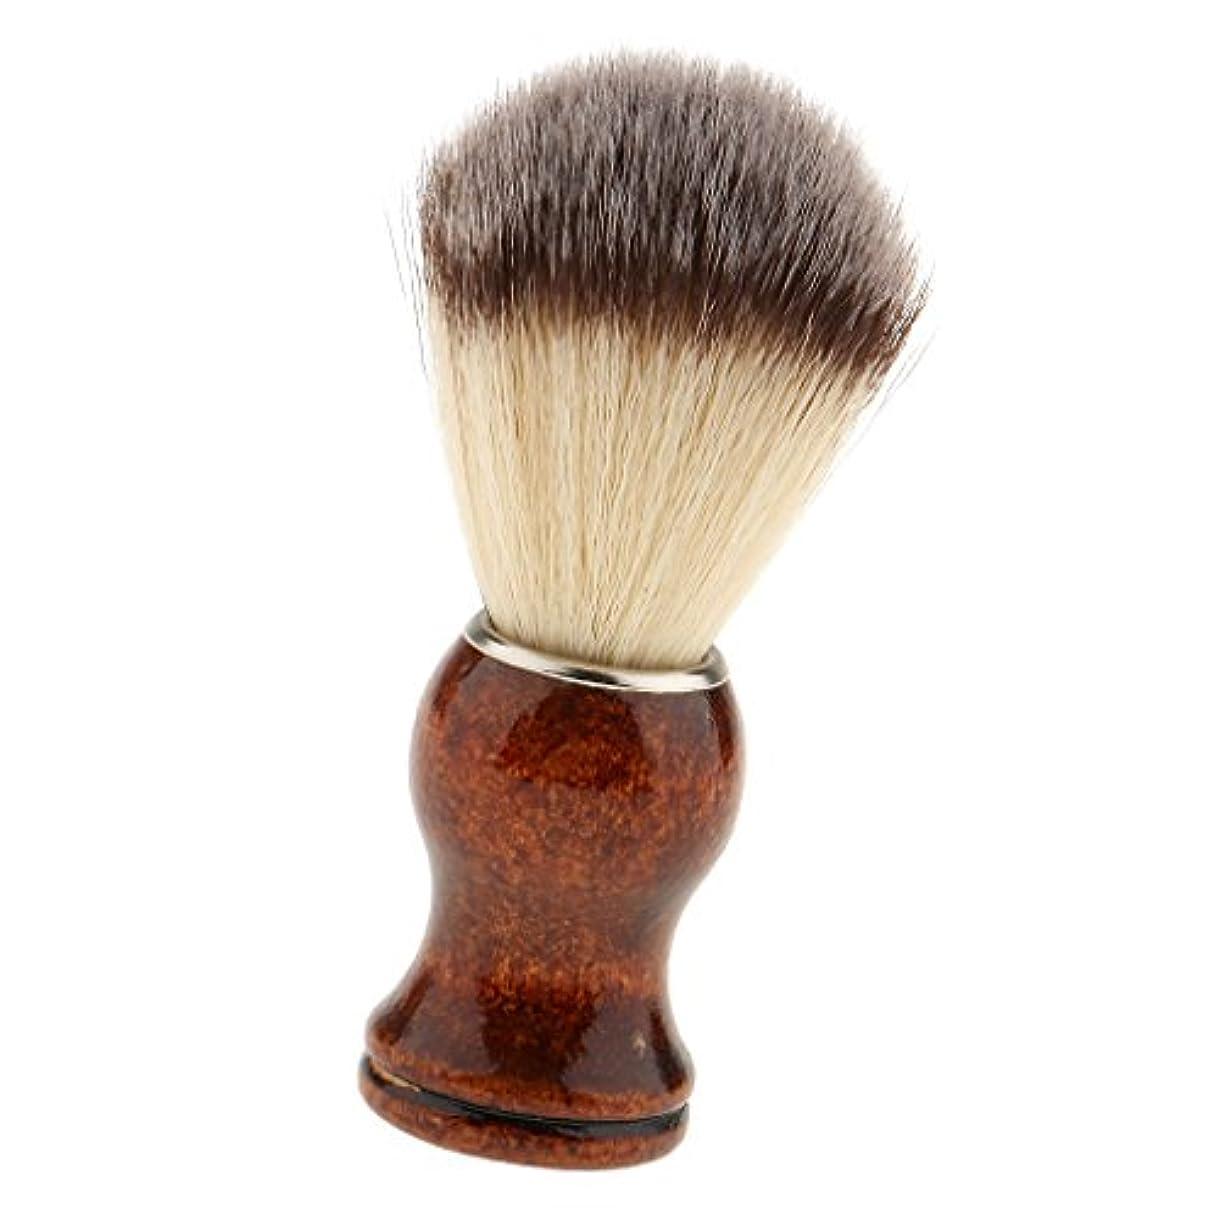 ラッカス適応的放射性Fenteer サロン ひげブラシ シェービングブラシ メンズ用 ナイロン  理髪用  快適 首/顔 散髪整理 泡たてやすい